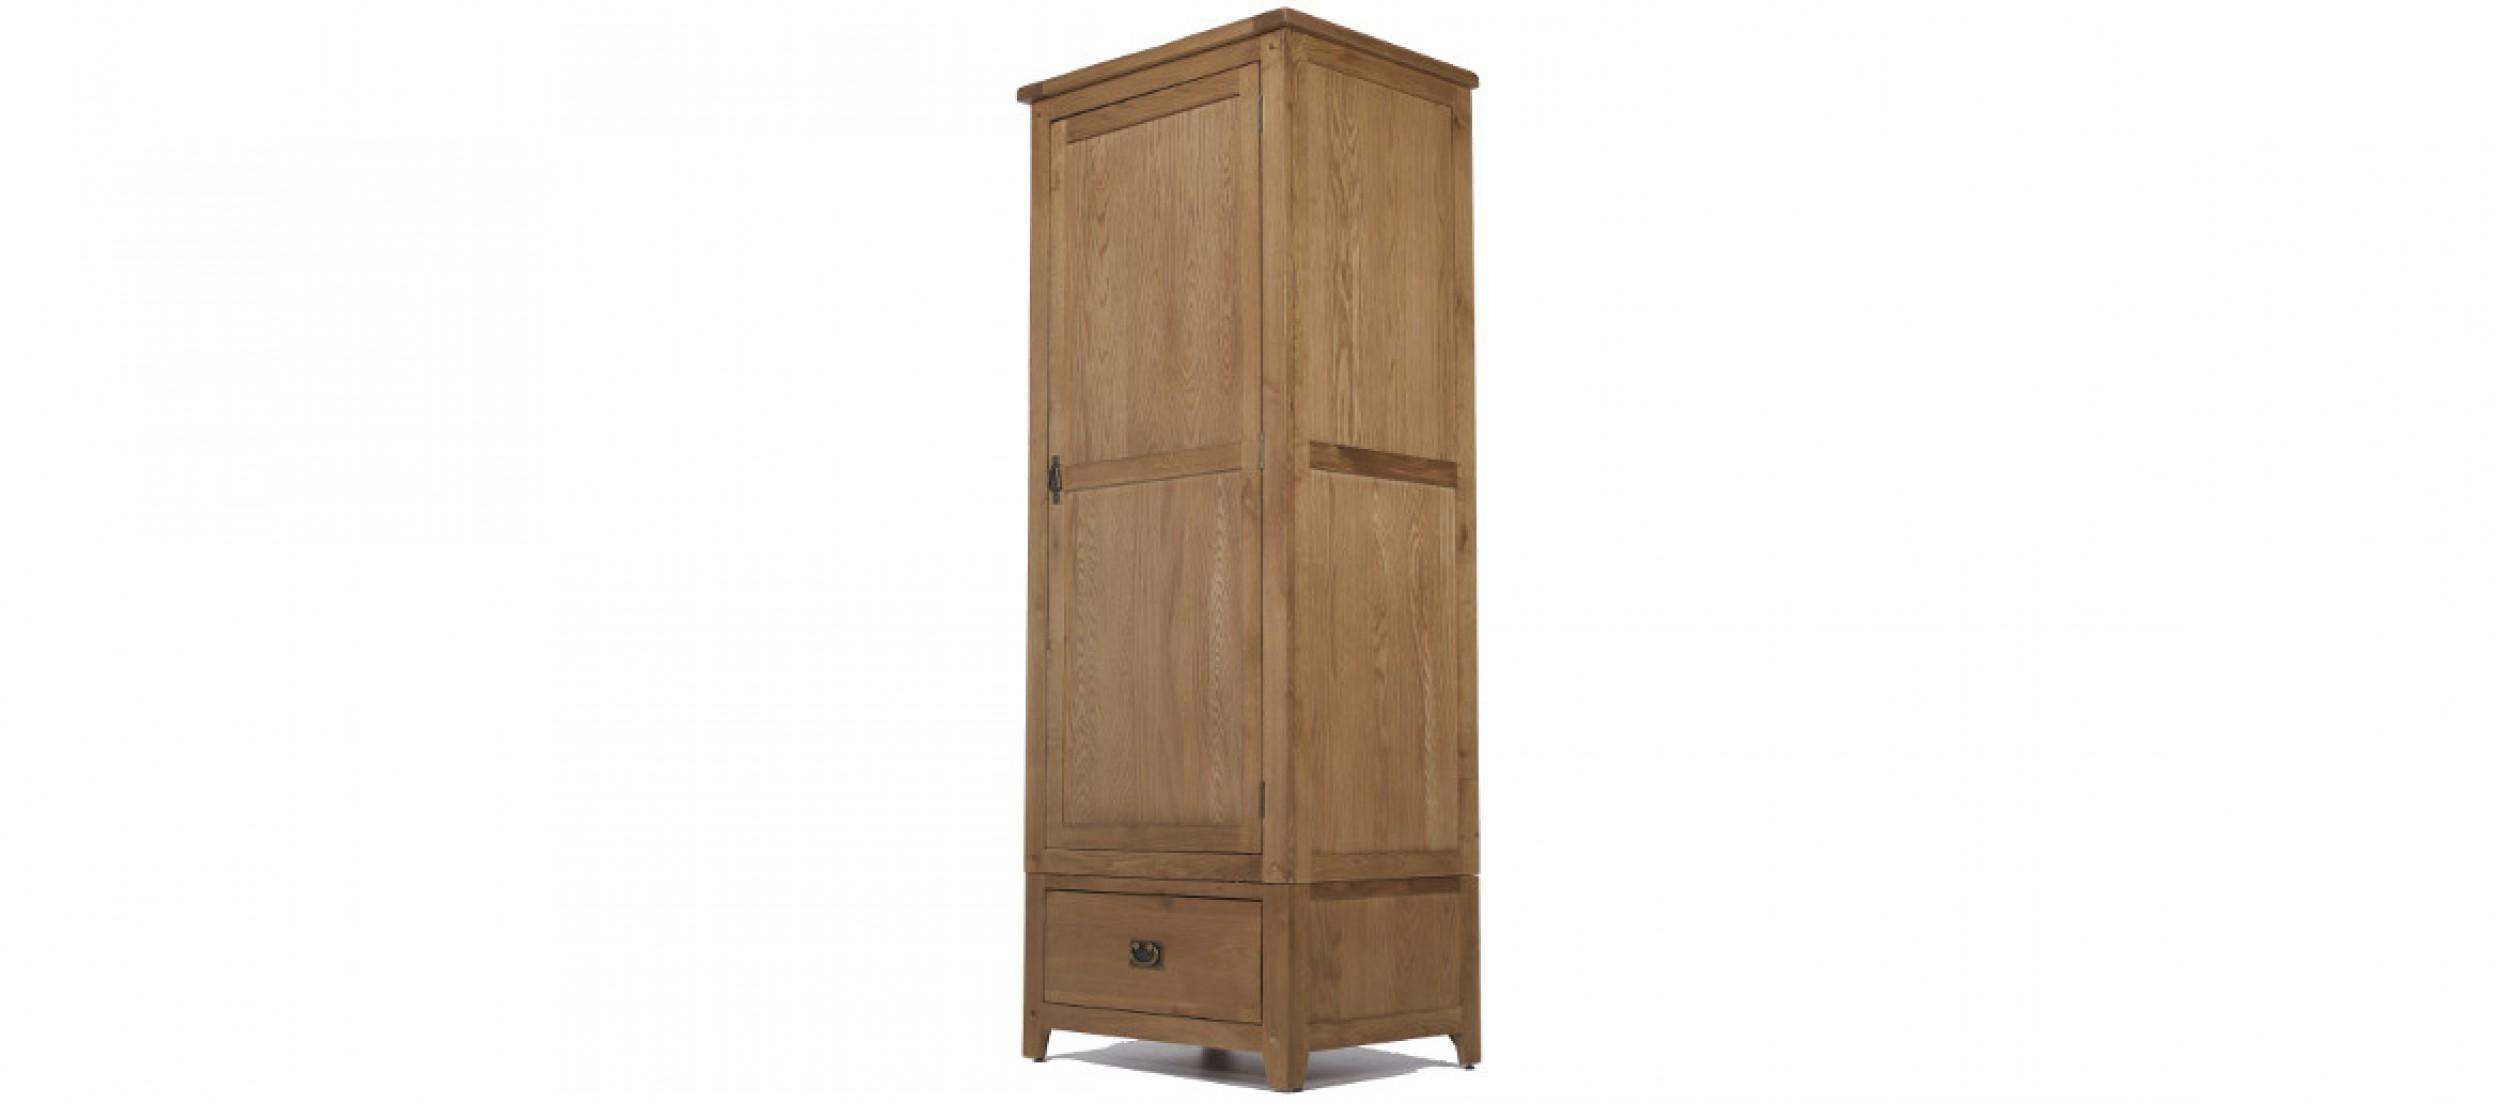 Single rustic oak wardrobe